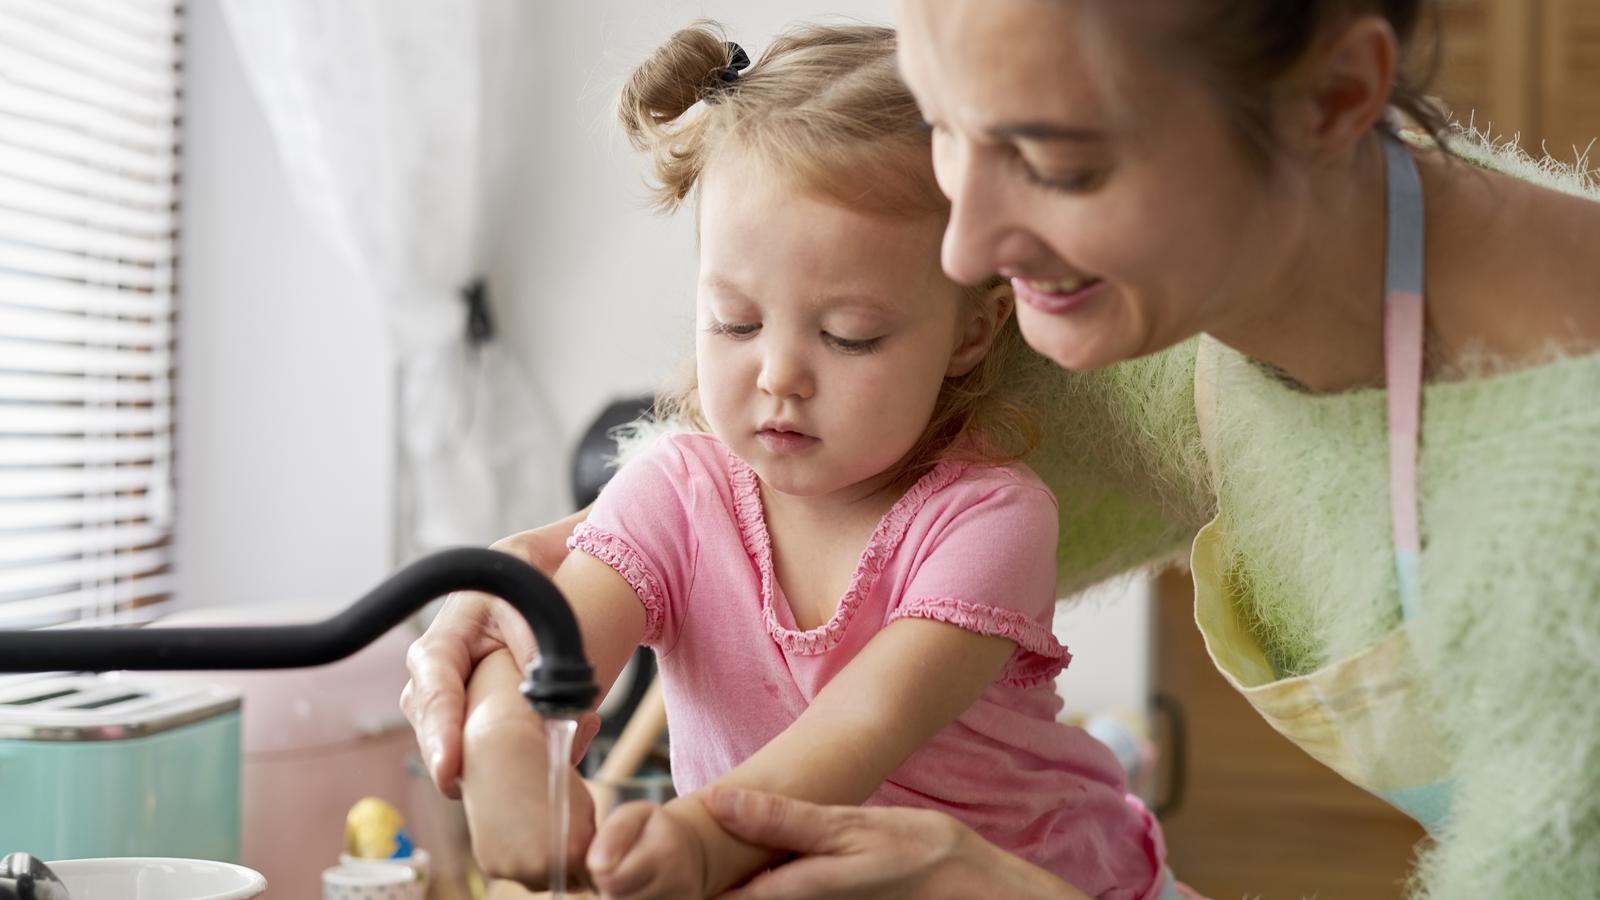 Què podem fer per protegir casa nostra i la nostra família del coronavirus?